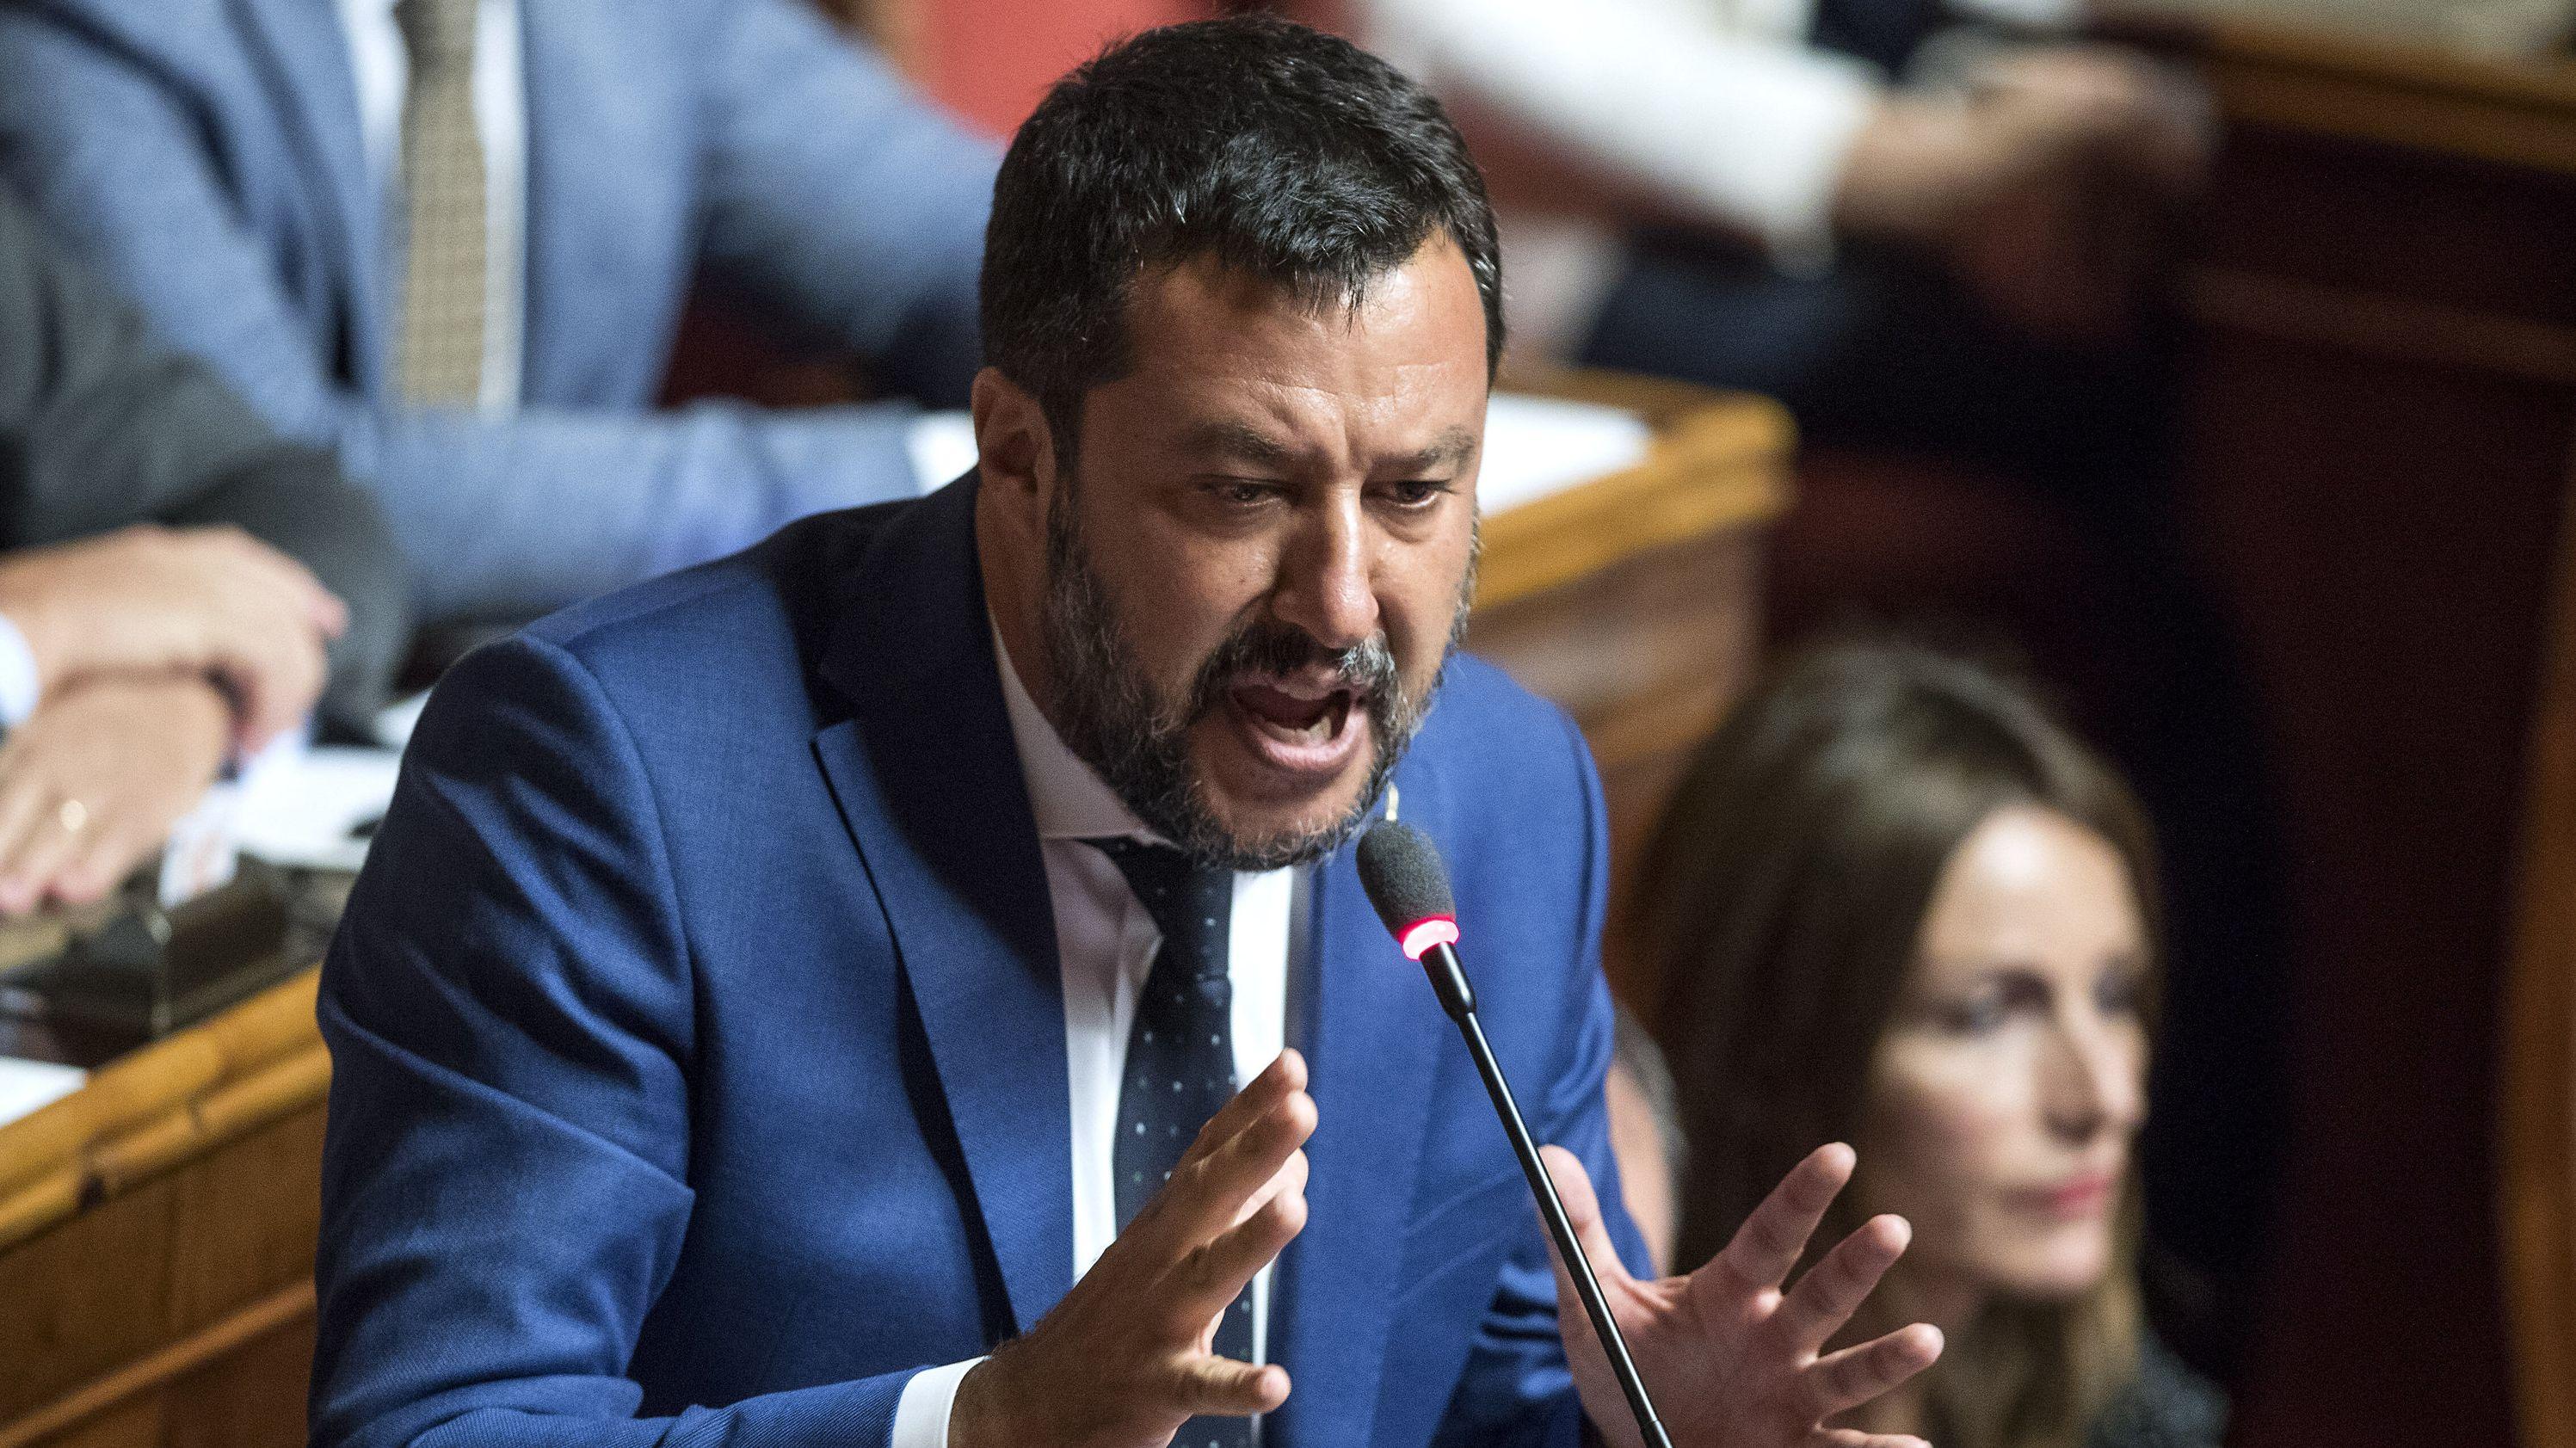 Matteo Salvini, Innenminister von Italien, spricht im Senat.